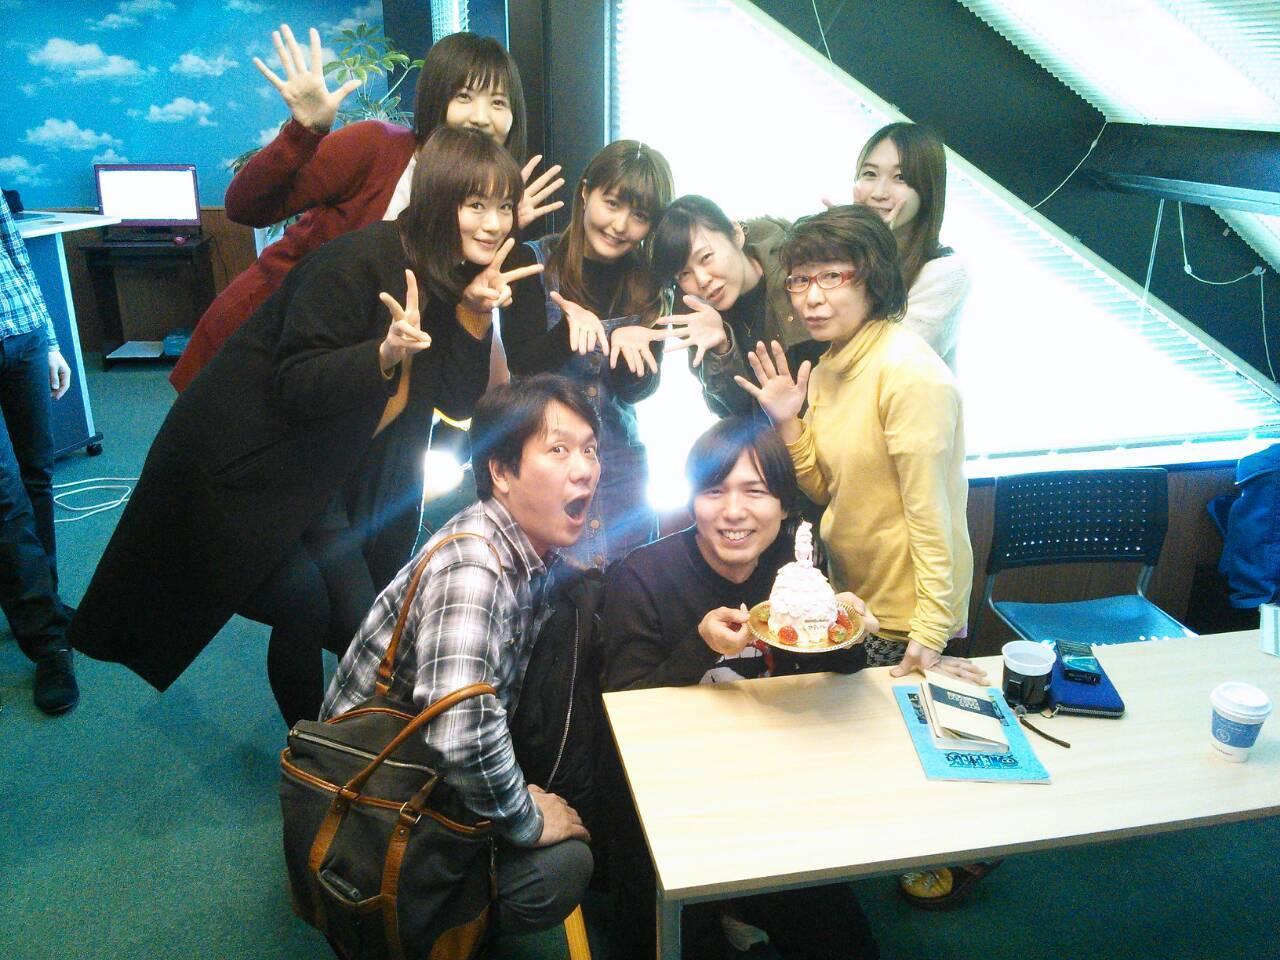 神谷浩史くん(ロー)のお誕生日_a0163623_20583385.jpg